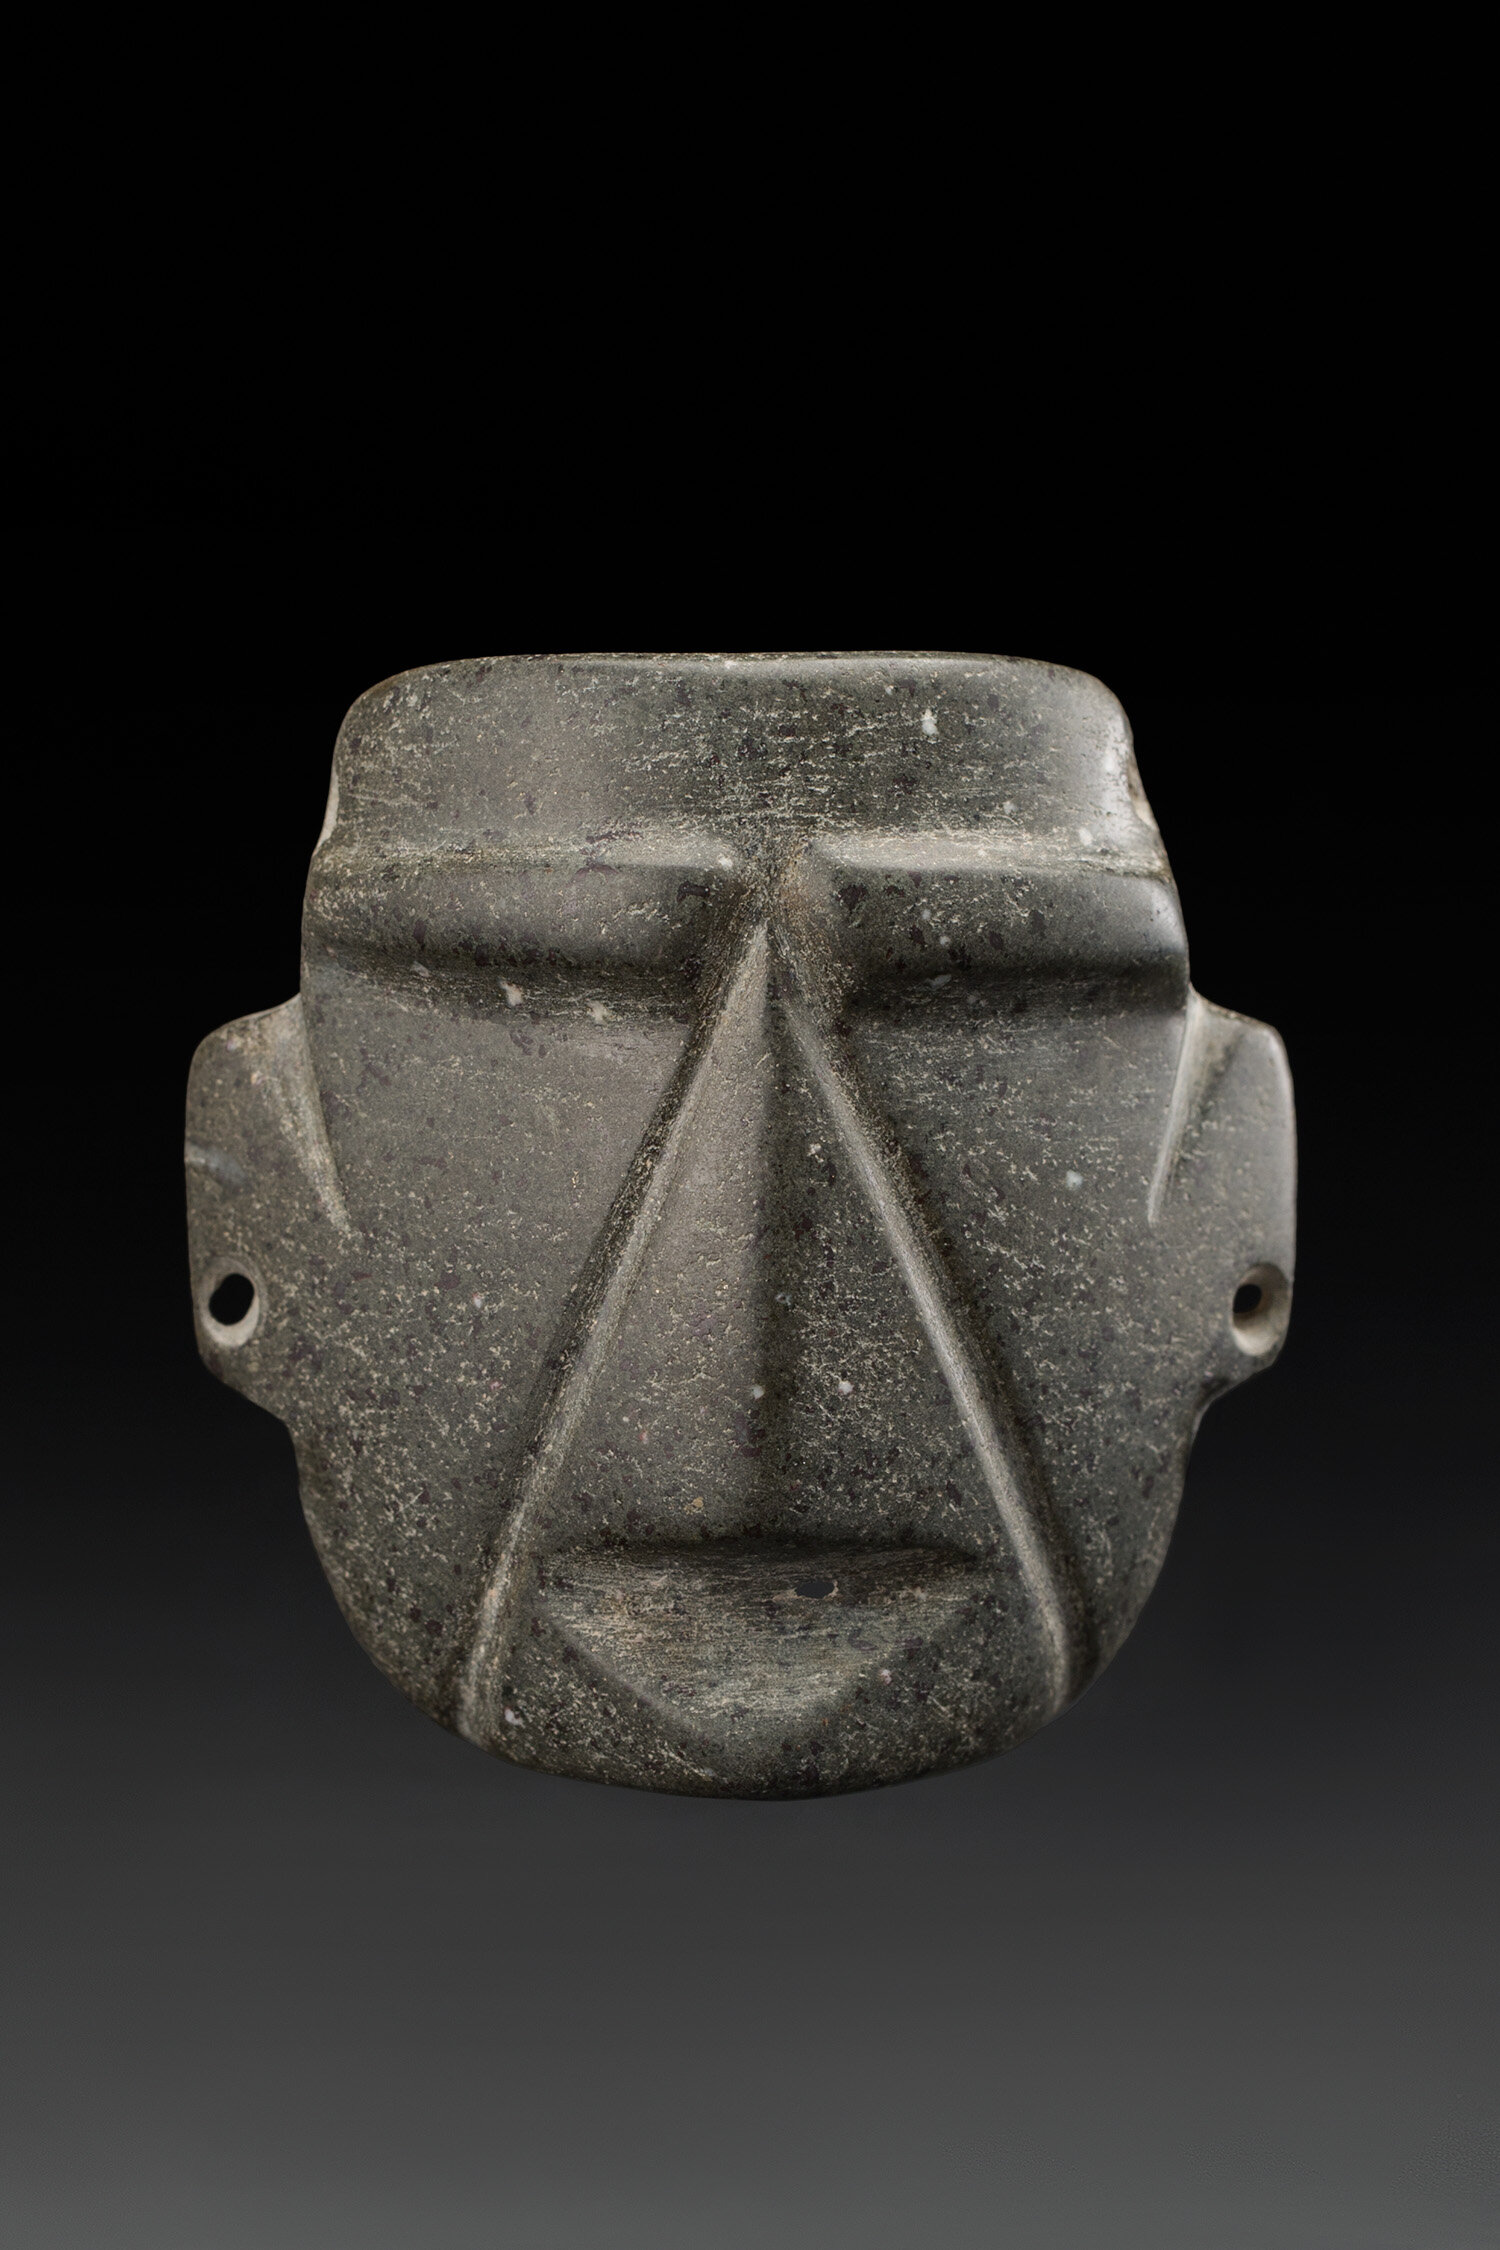 Masks  Mezcala  , 700-300 BCE Andesite 3.25 x 3.25 x 1.375 inches 8.3 x 8.3 x 3.5 cm M 406